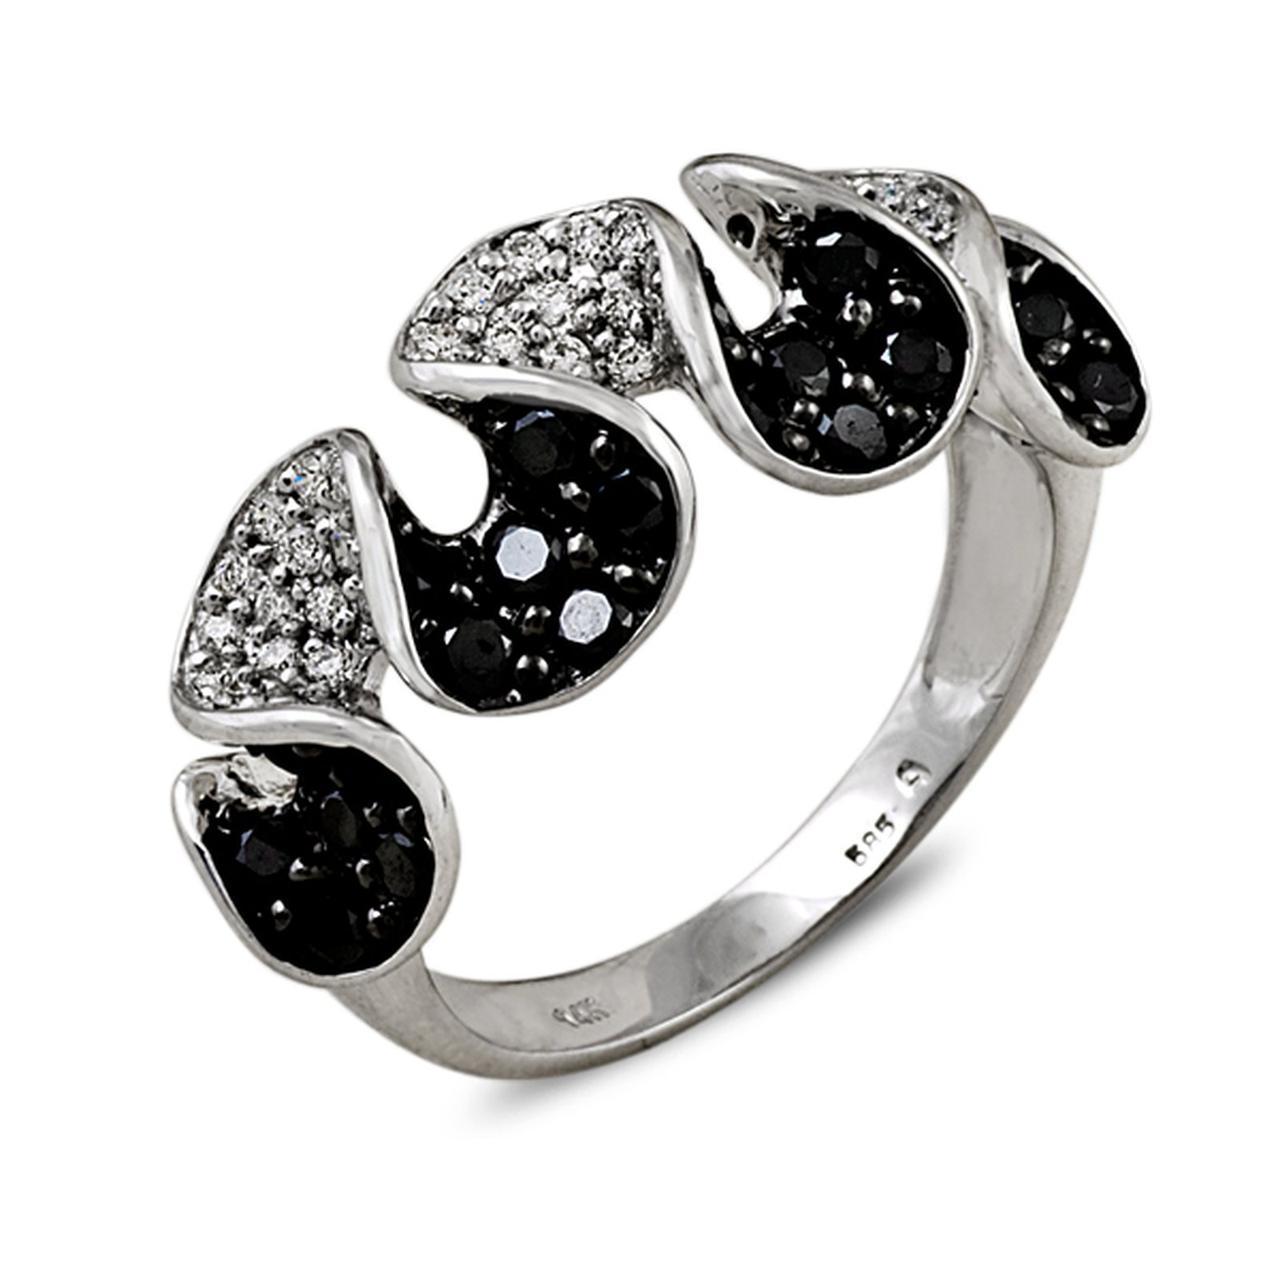 Золотое кольцо с бриллиантами, размер 16 (002508)